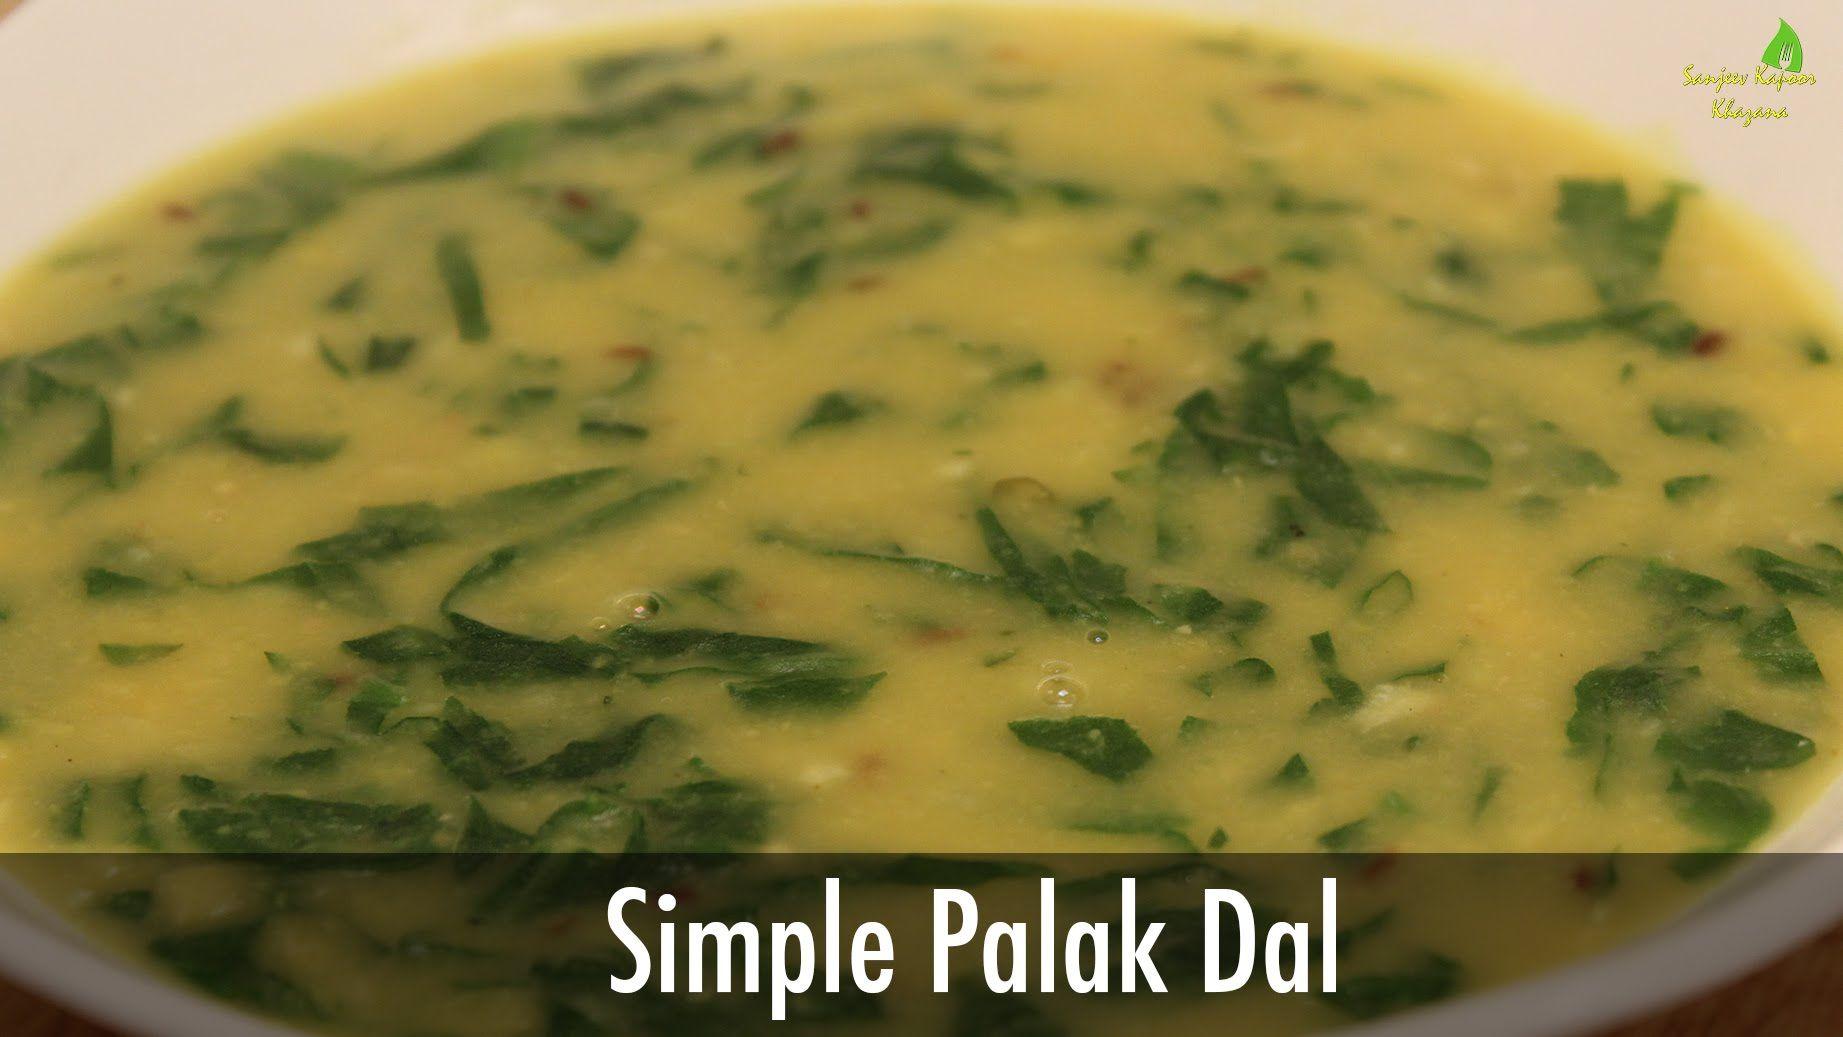 Simple palak dal indian recipe sanjeev kapoor khazana sanjeev simple palak dal indian recipe sanjeev kapoor khazana forumfinder Images